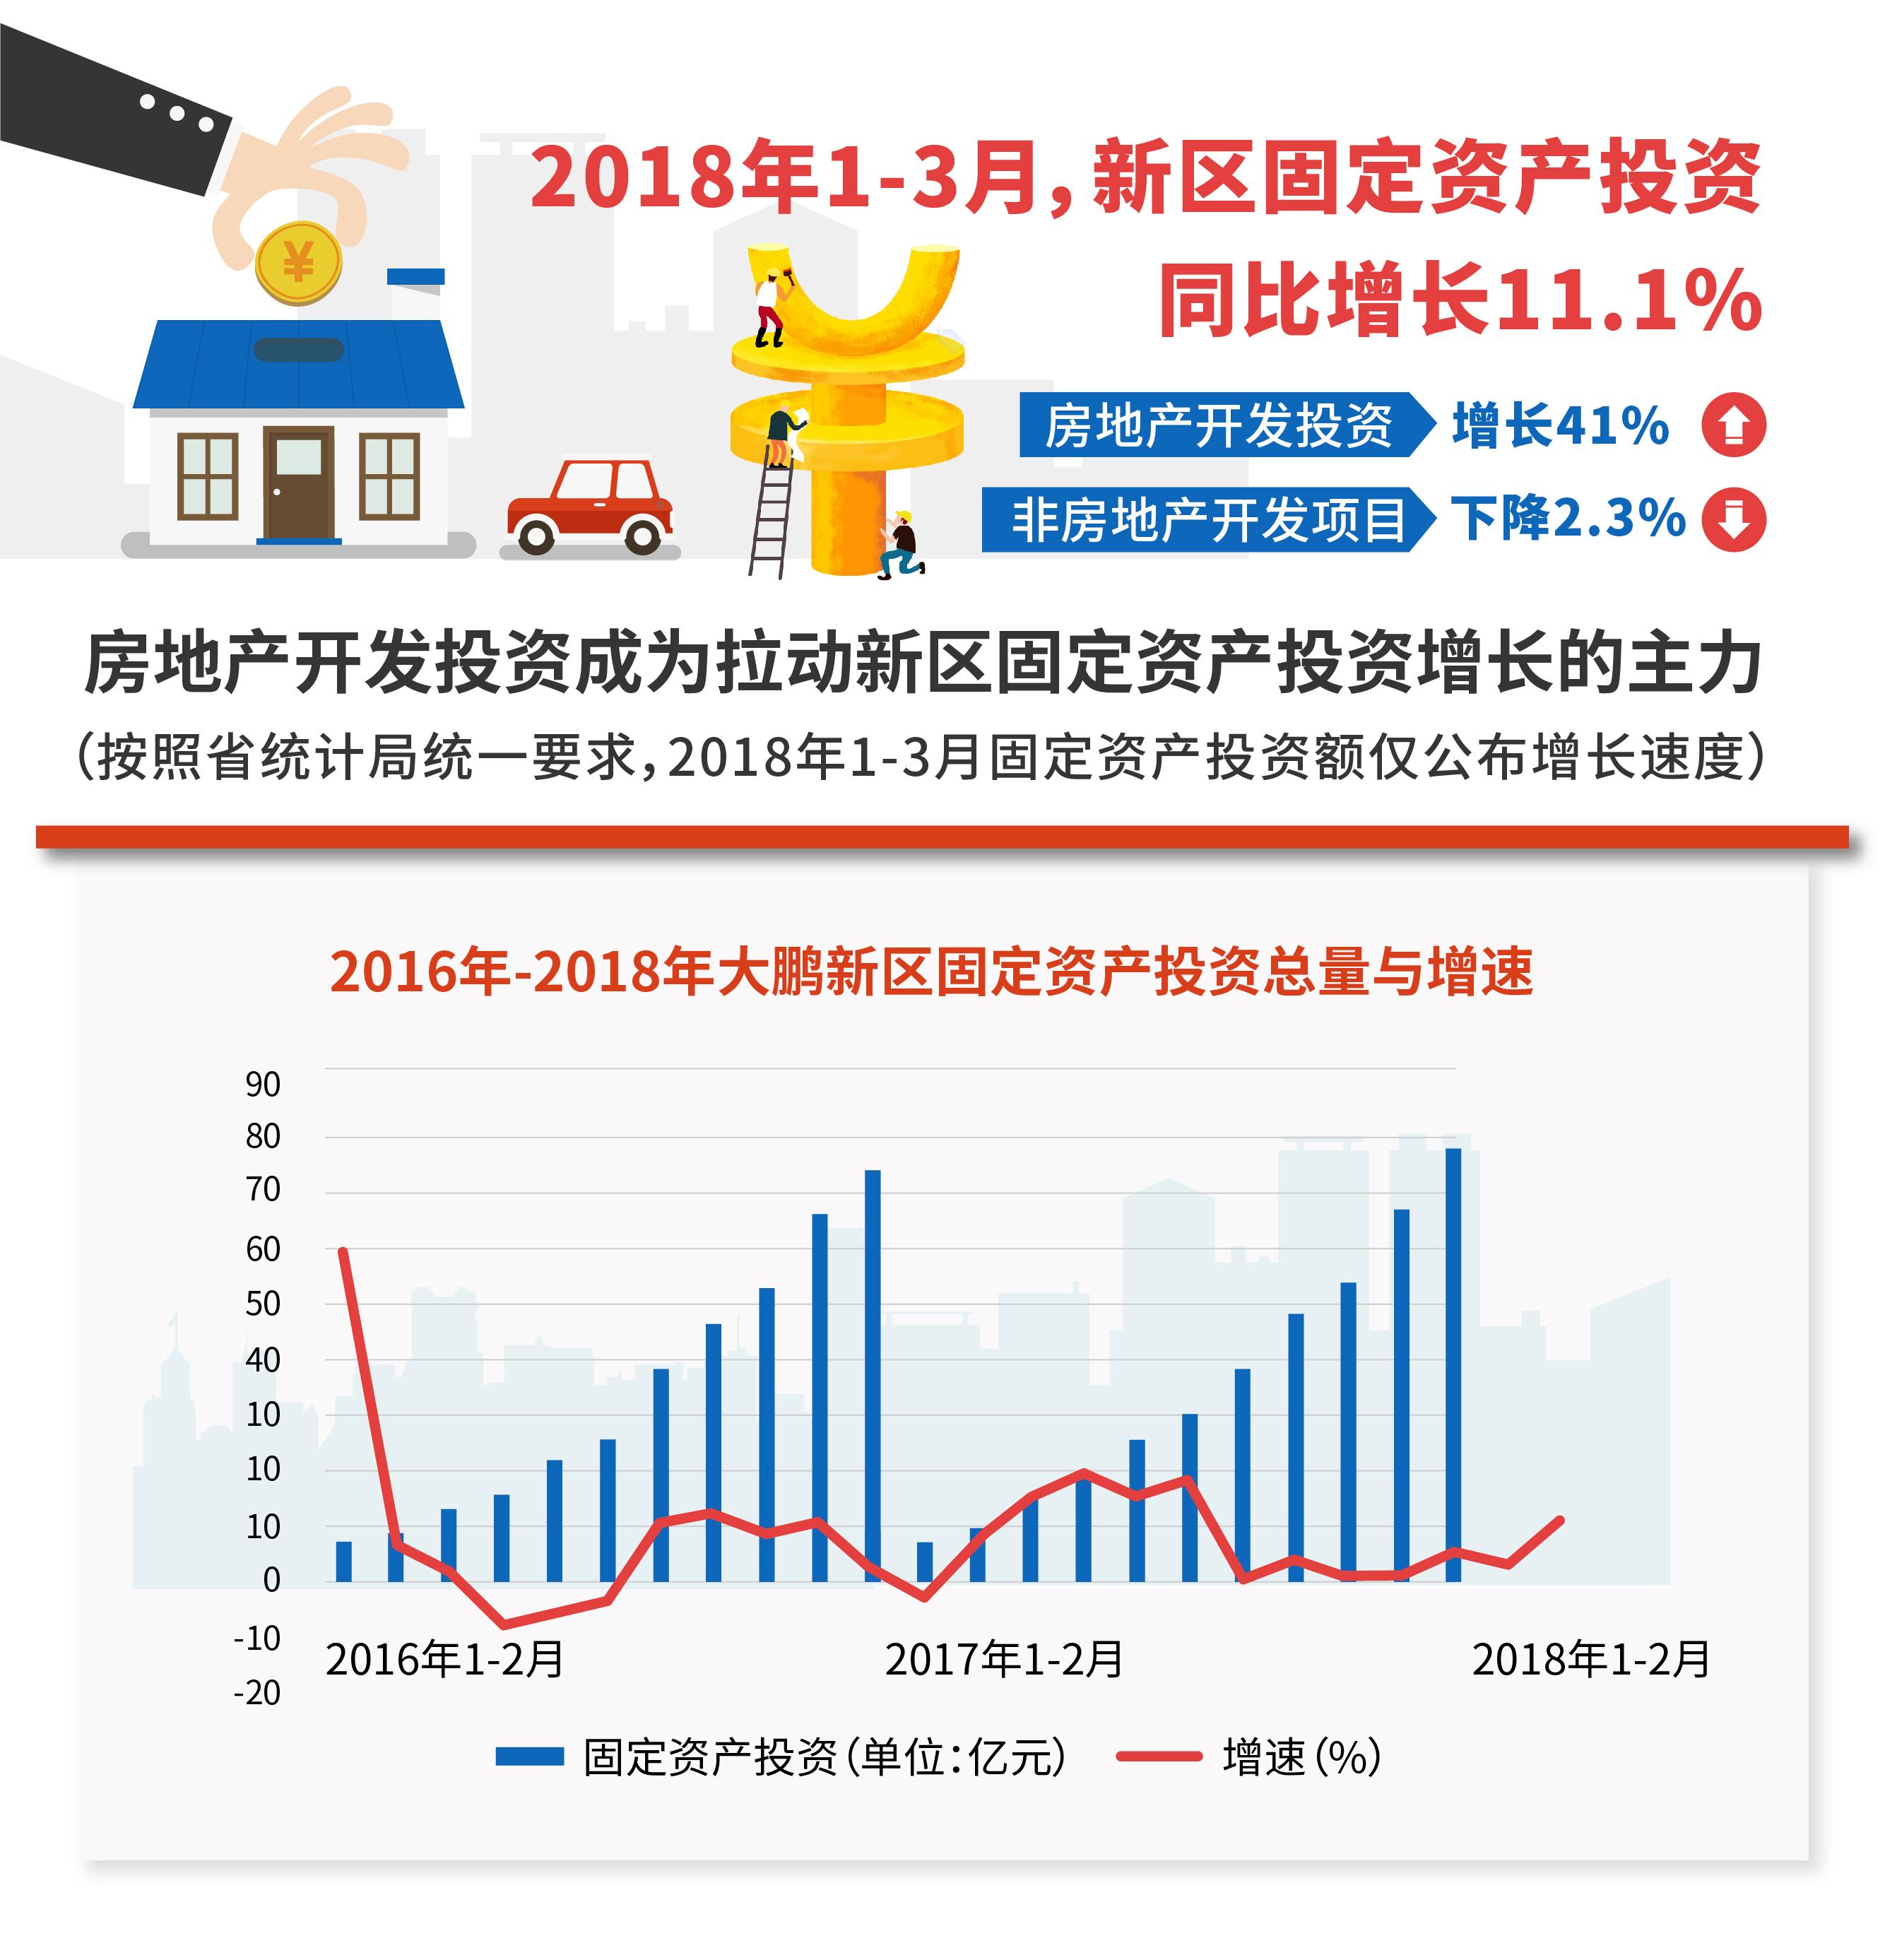 2018年1-3月新区固定资产投资同比增长11.1%.jpg